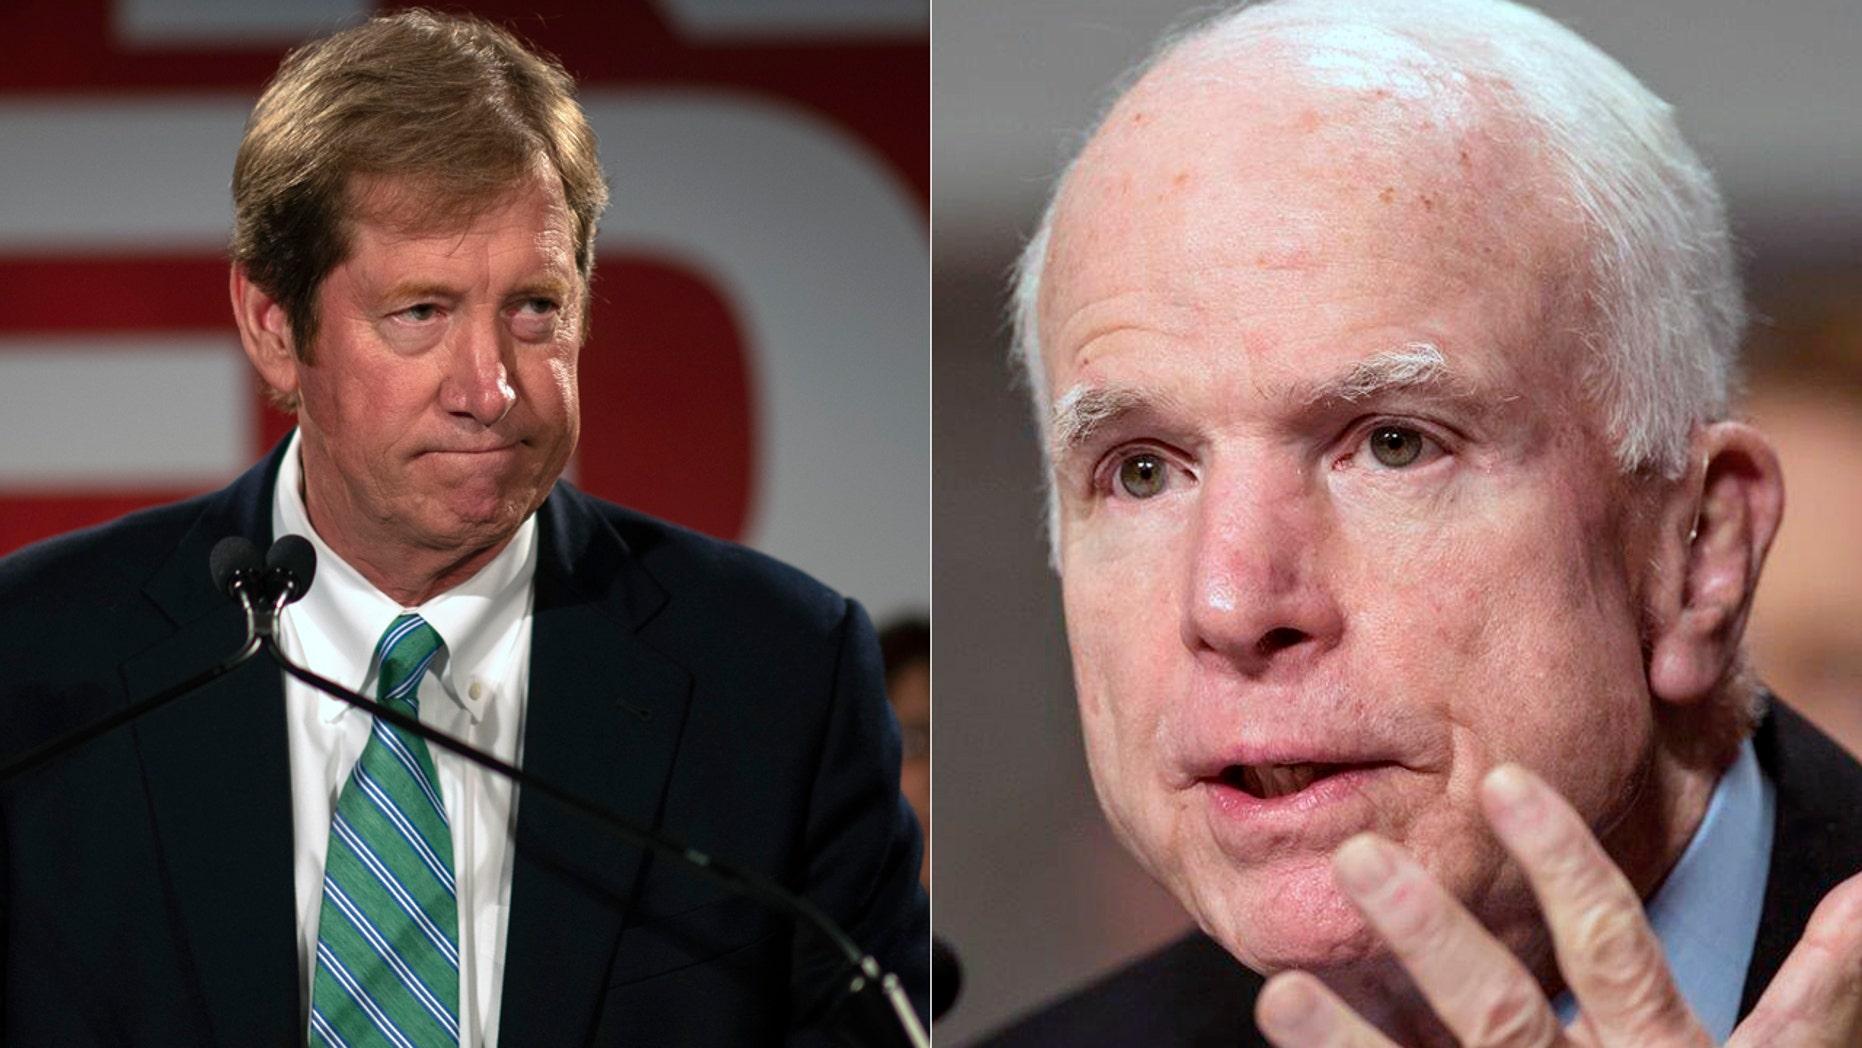 Rep. Jason Lewis, R-Minn., and Sen. John McCain, R-Ariz.